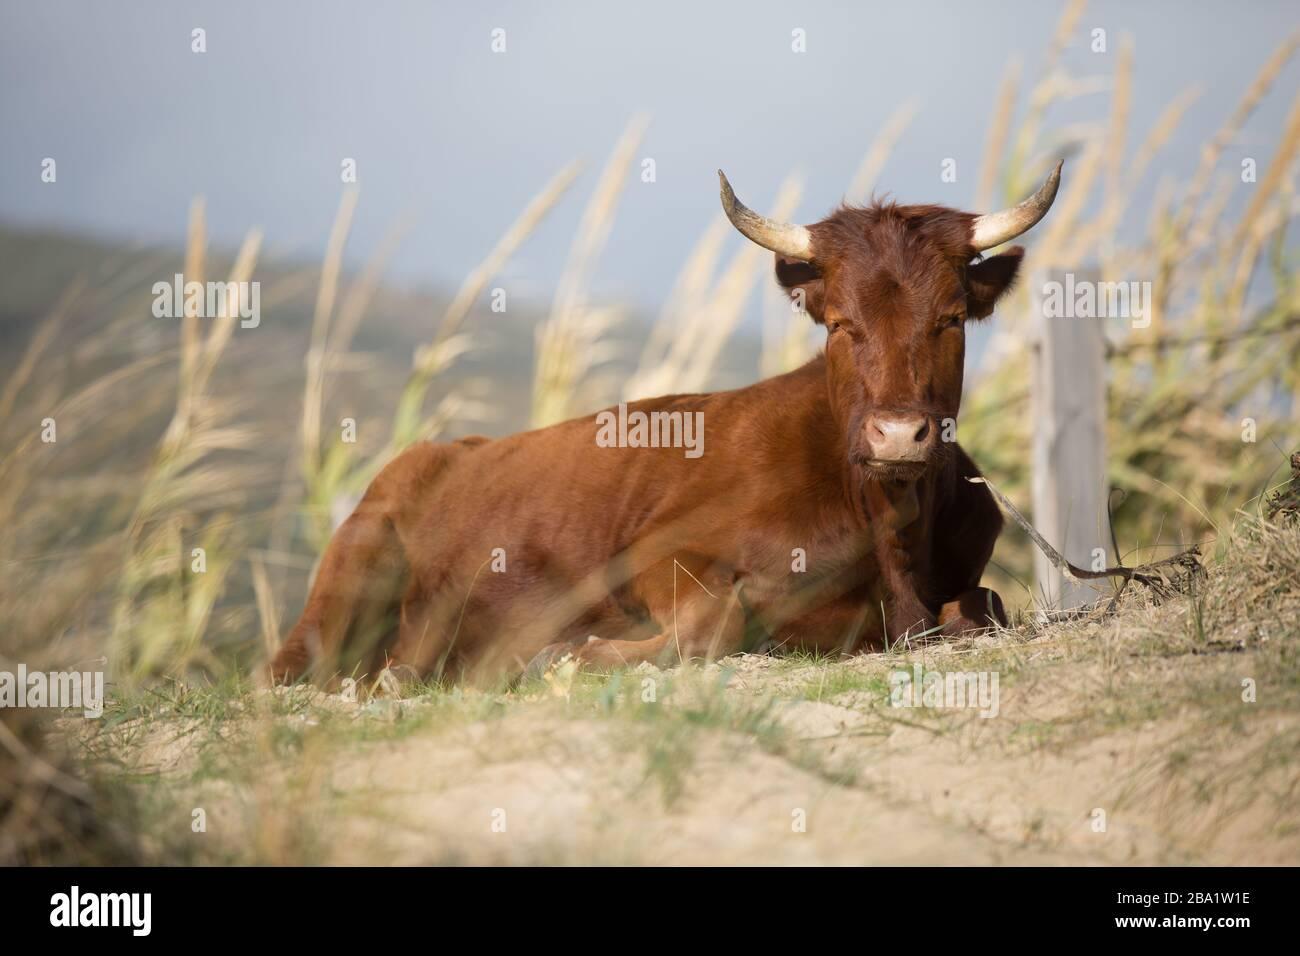 Un Marrón Corente ganado Breed con dos cuernos sentado en un prado Foto de stock